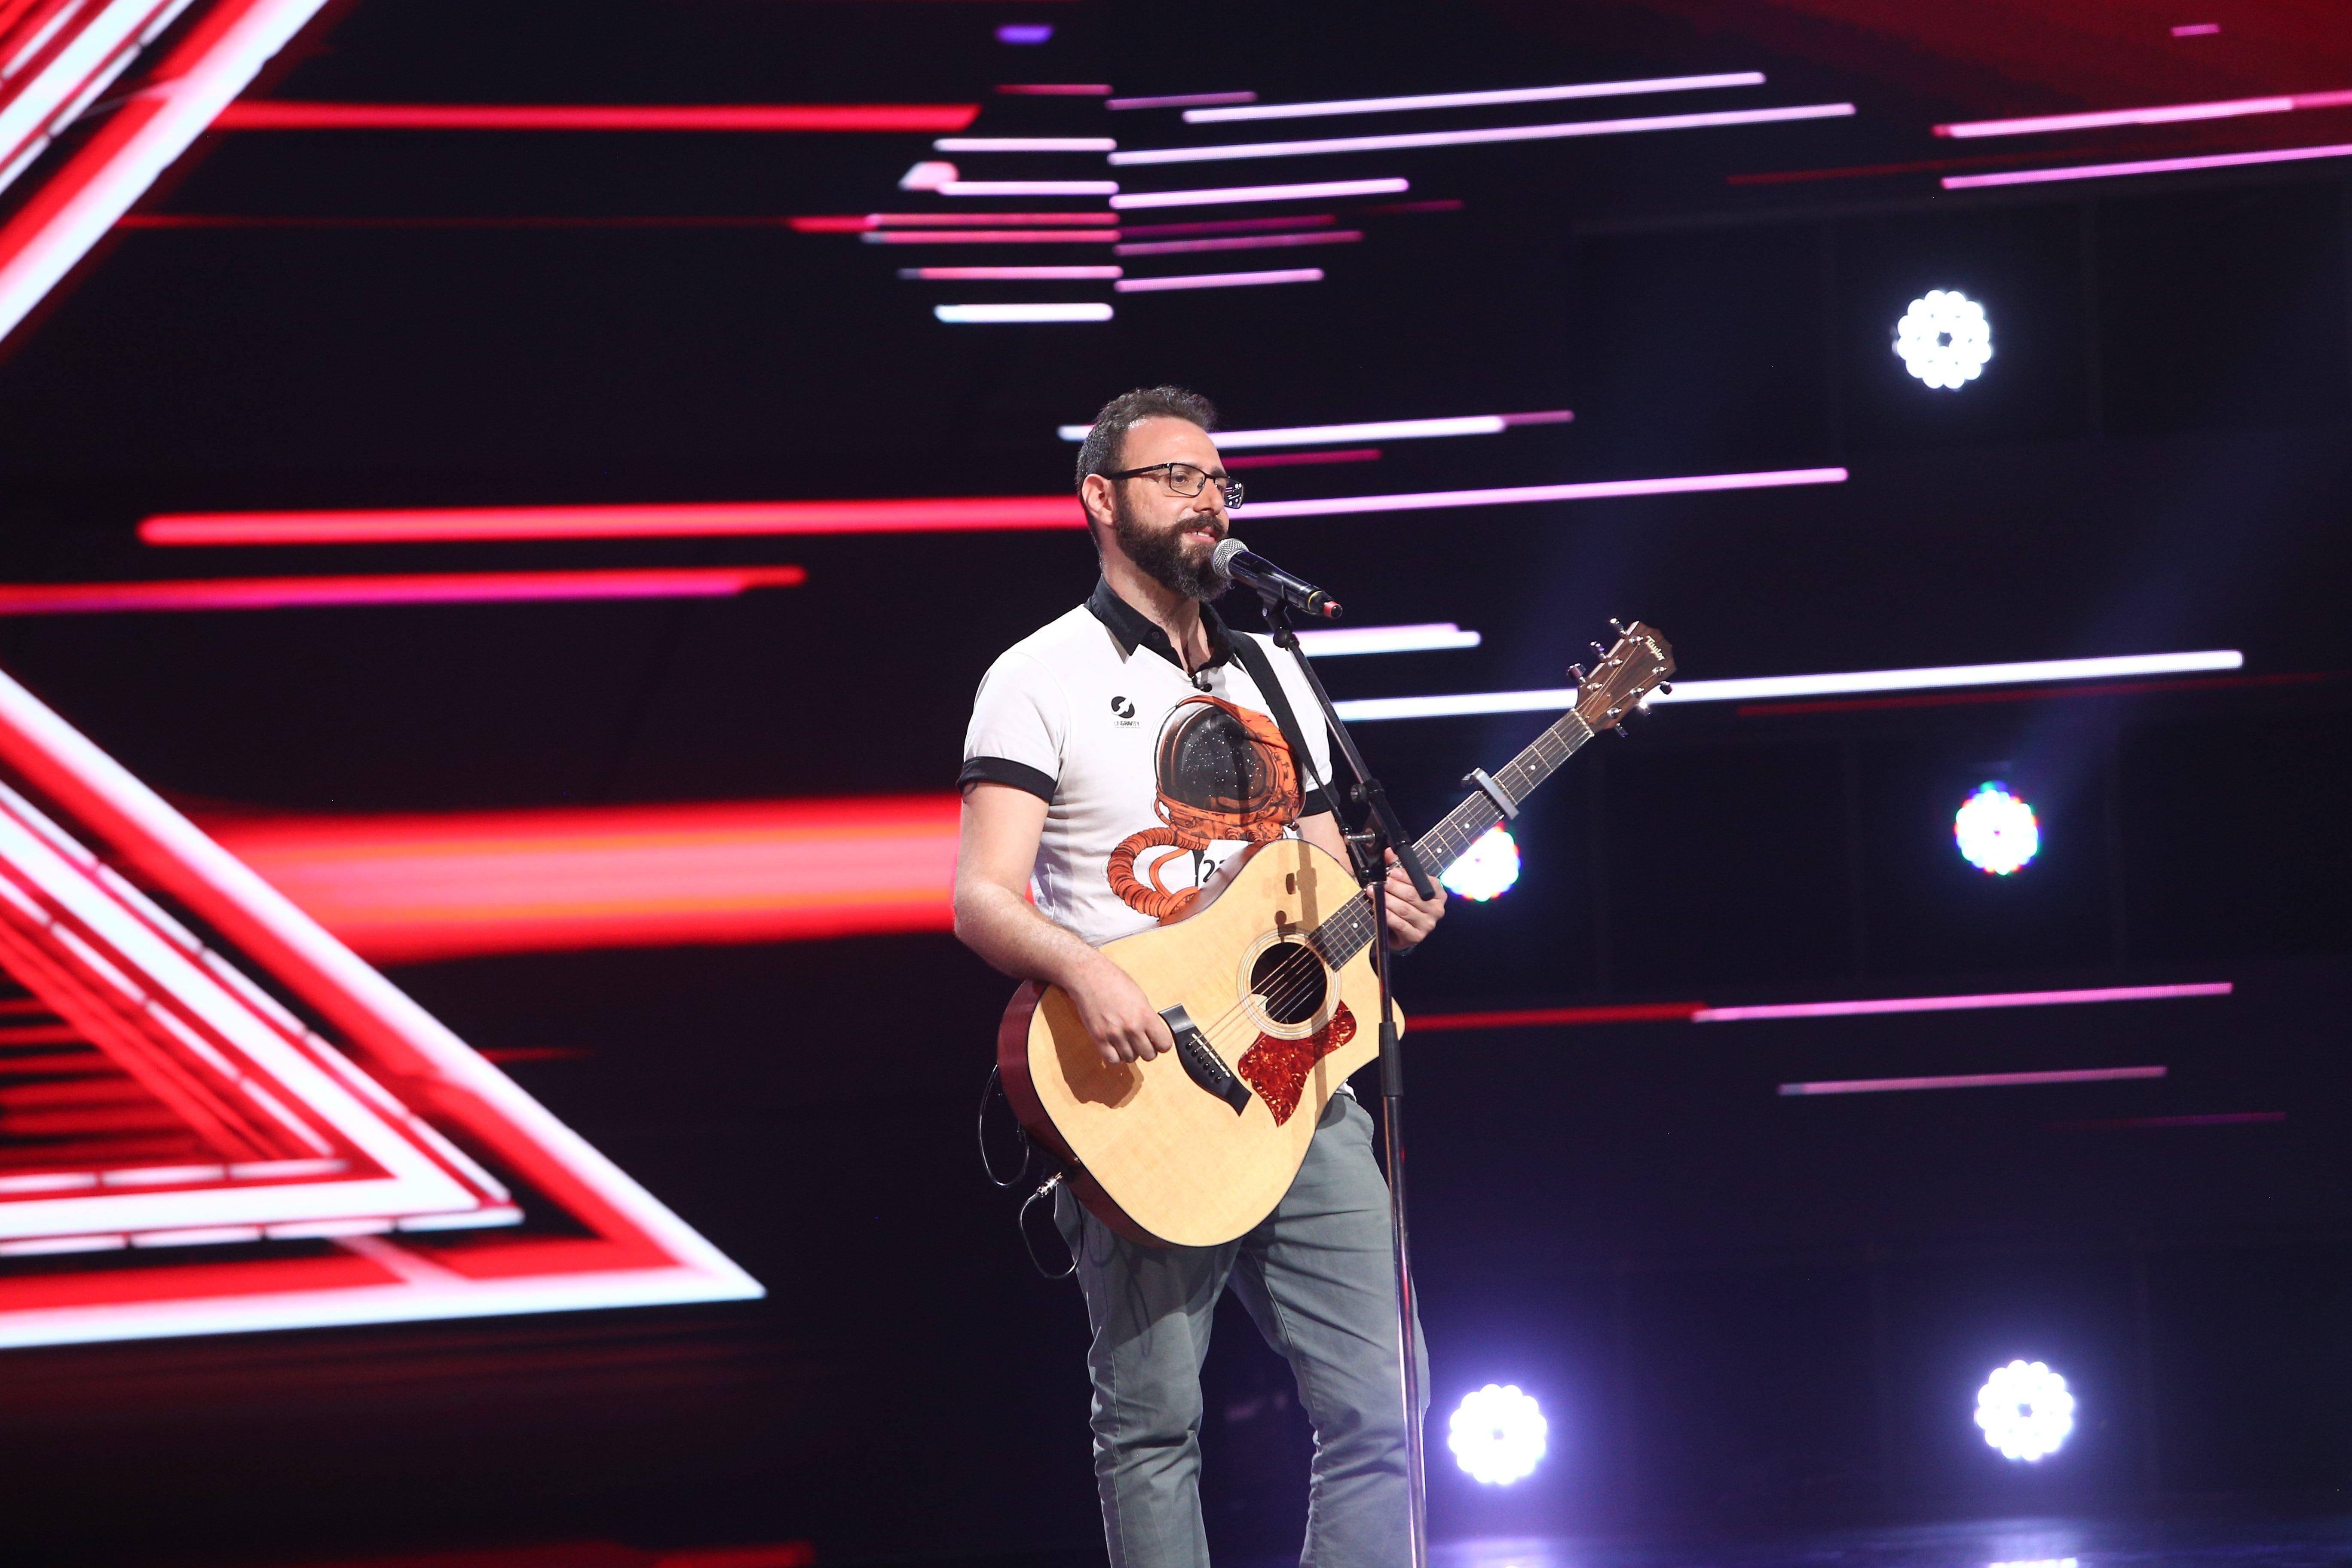 """X Factor 2021, 22 octombrie. Elie Haddad a impresionat cu povestea sa de dragoste și cu interpretarea - """"House Of The Rising Sun"""""""